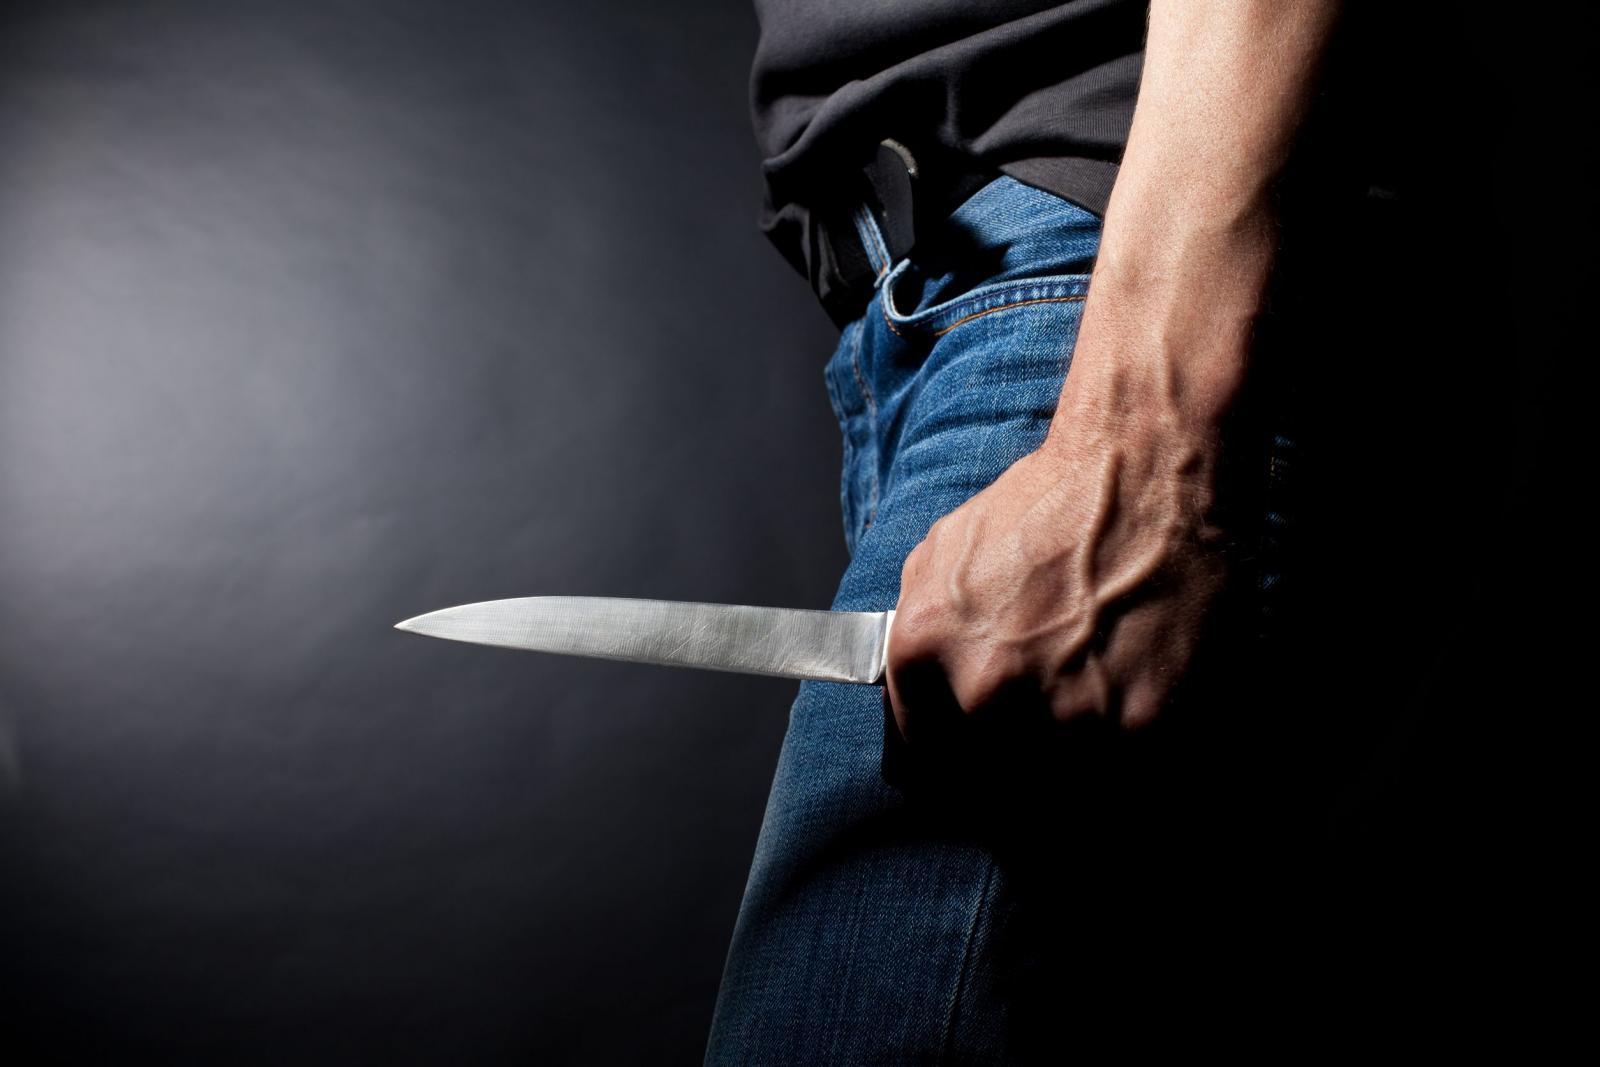 Мужчина зверски убил жену и ее родителей на глазах у детей